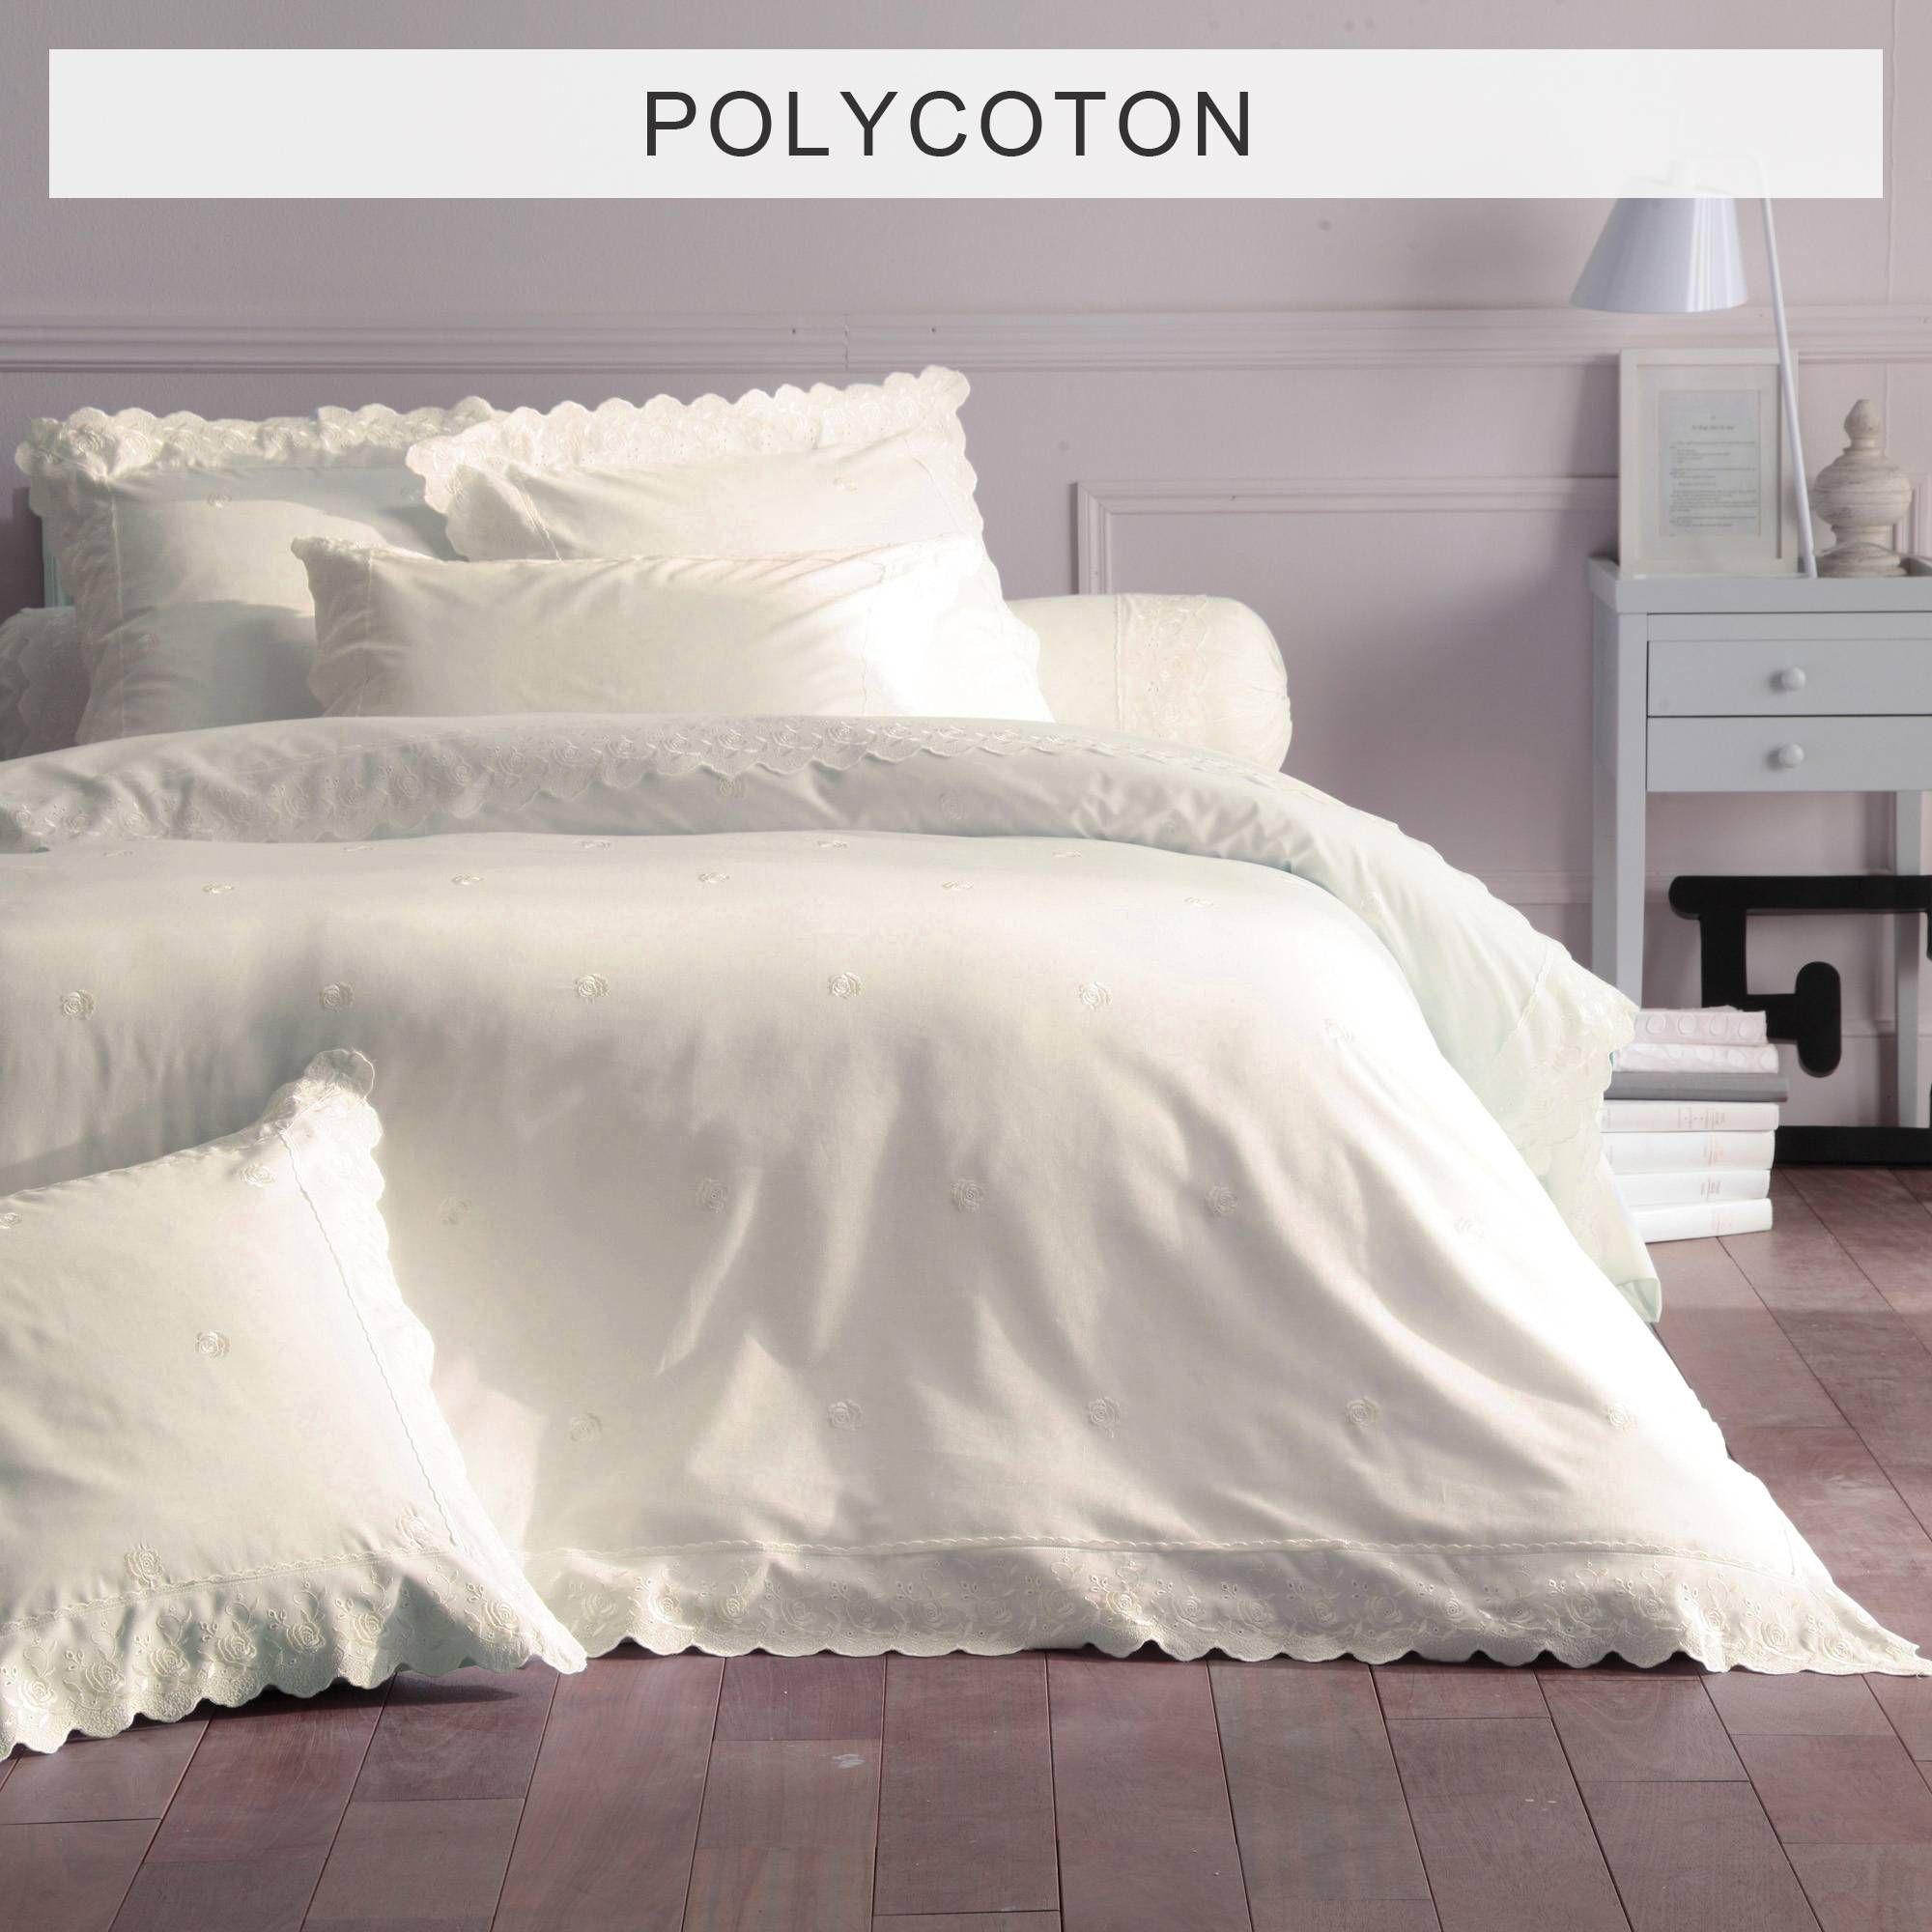 housse de couette polycoton unie brod e fleurs broderie. Black Bedroom Furniture Sets. Home Design Ideas